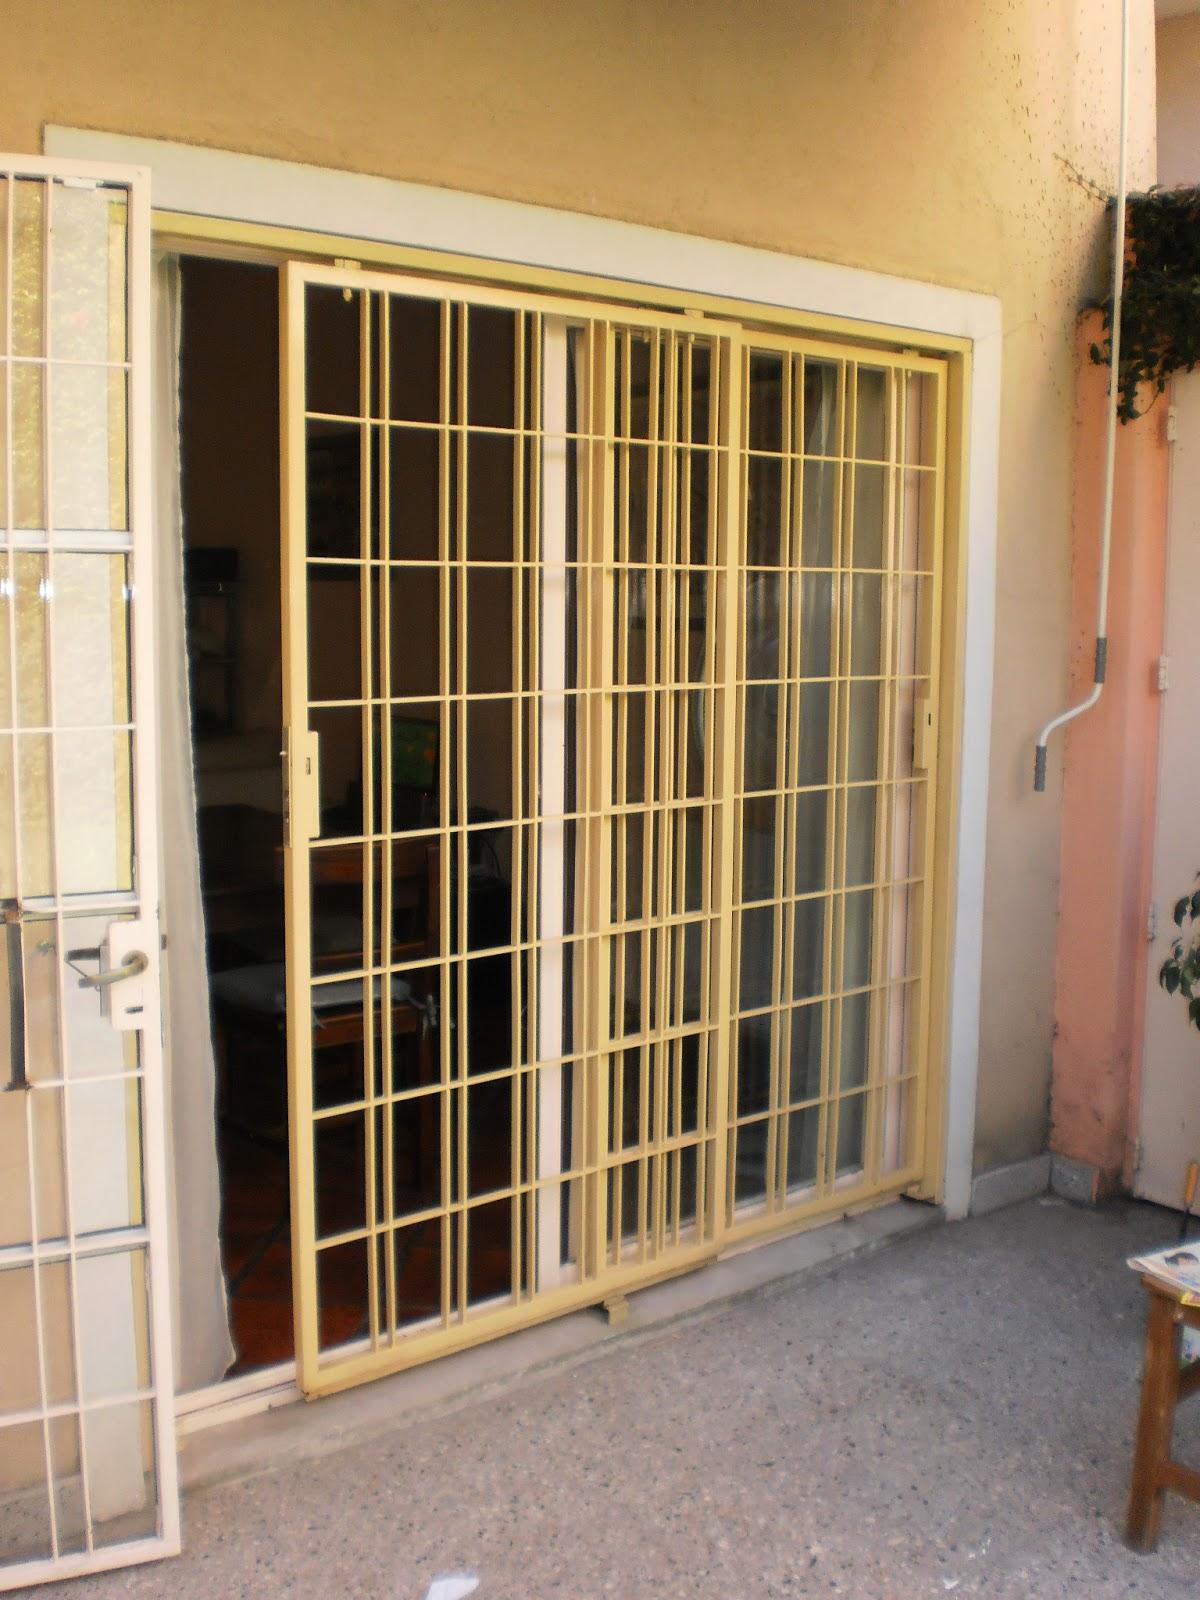 Rejas para ventanas correderas cool reja modelo curvas rejas para ventanas with rejas para - Rejas correderas para puertas ...